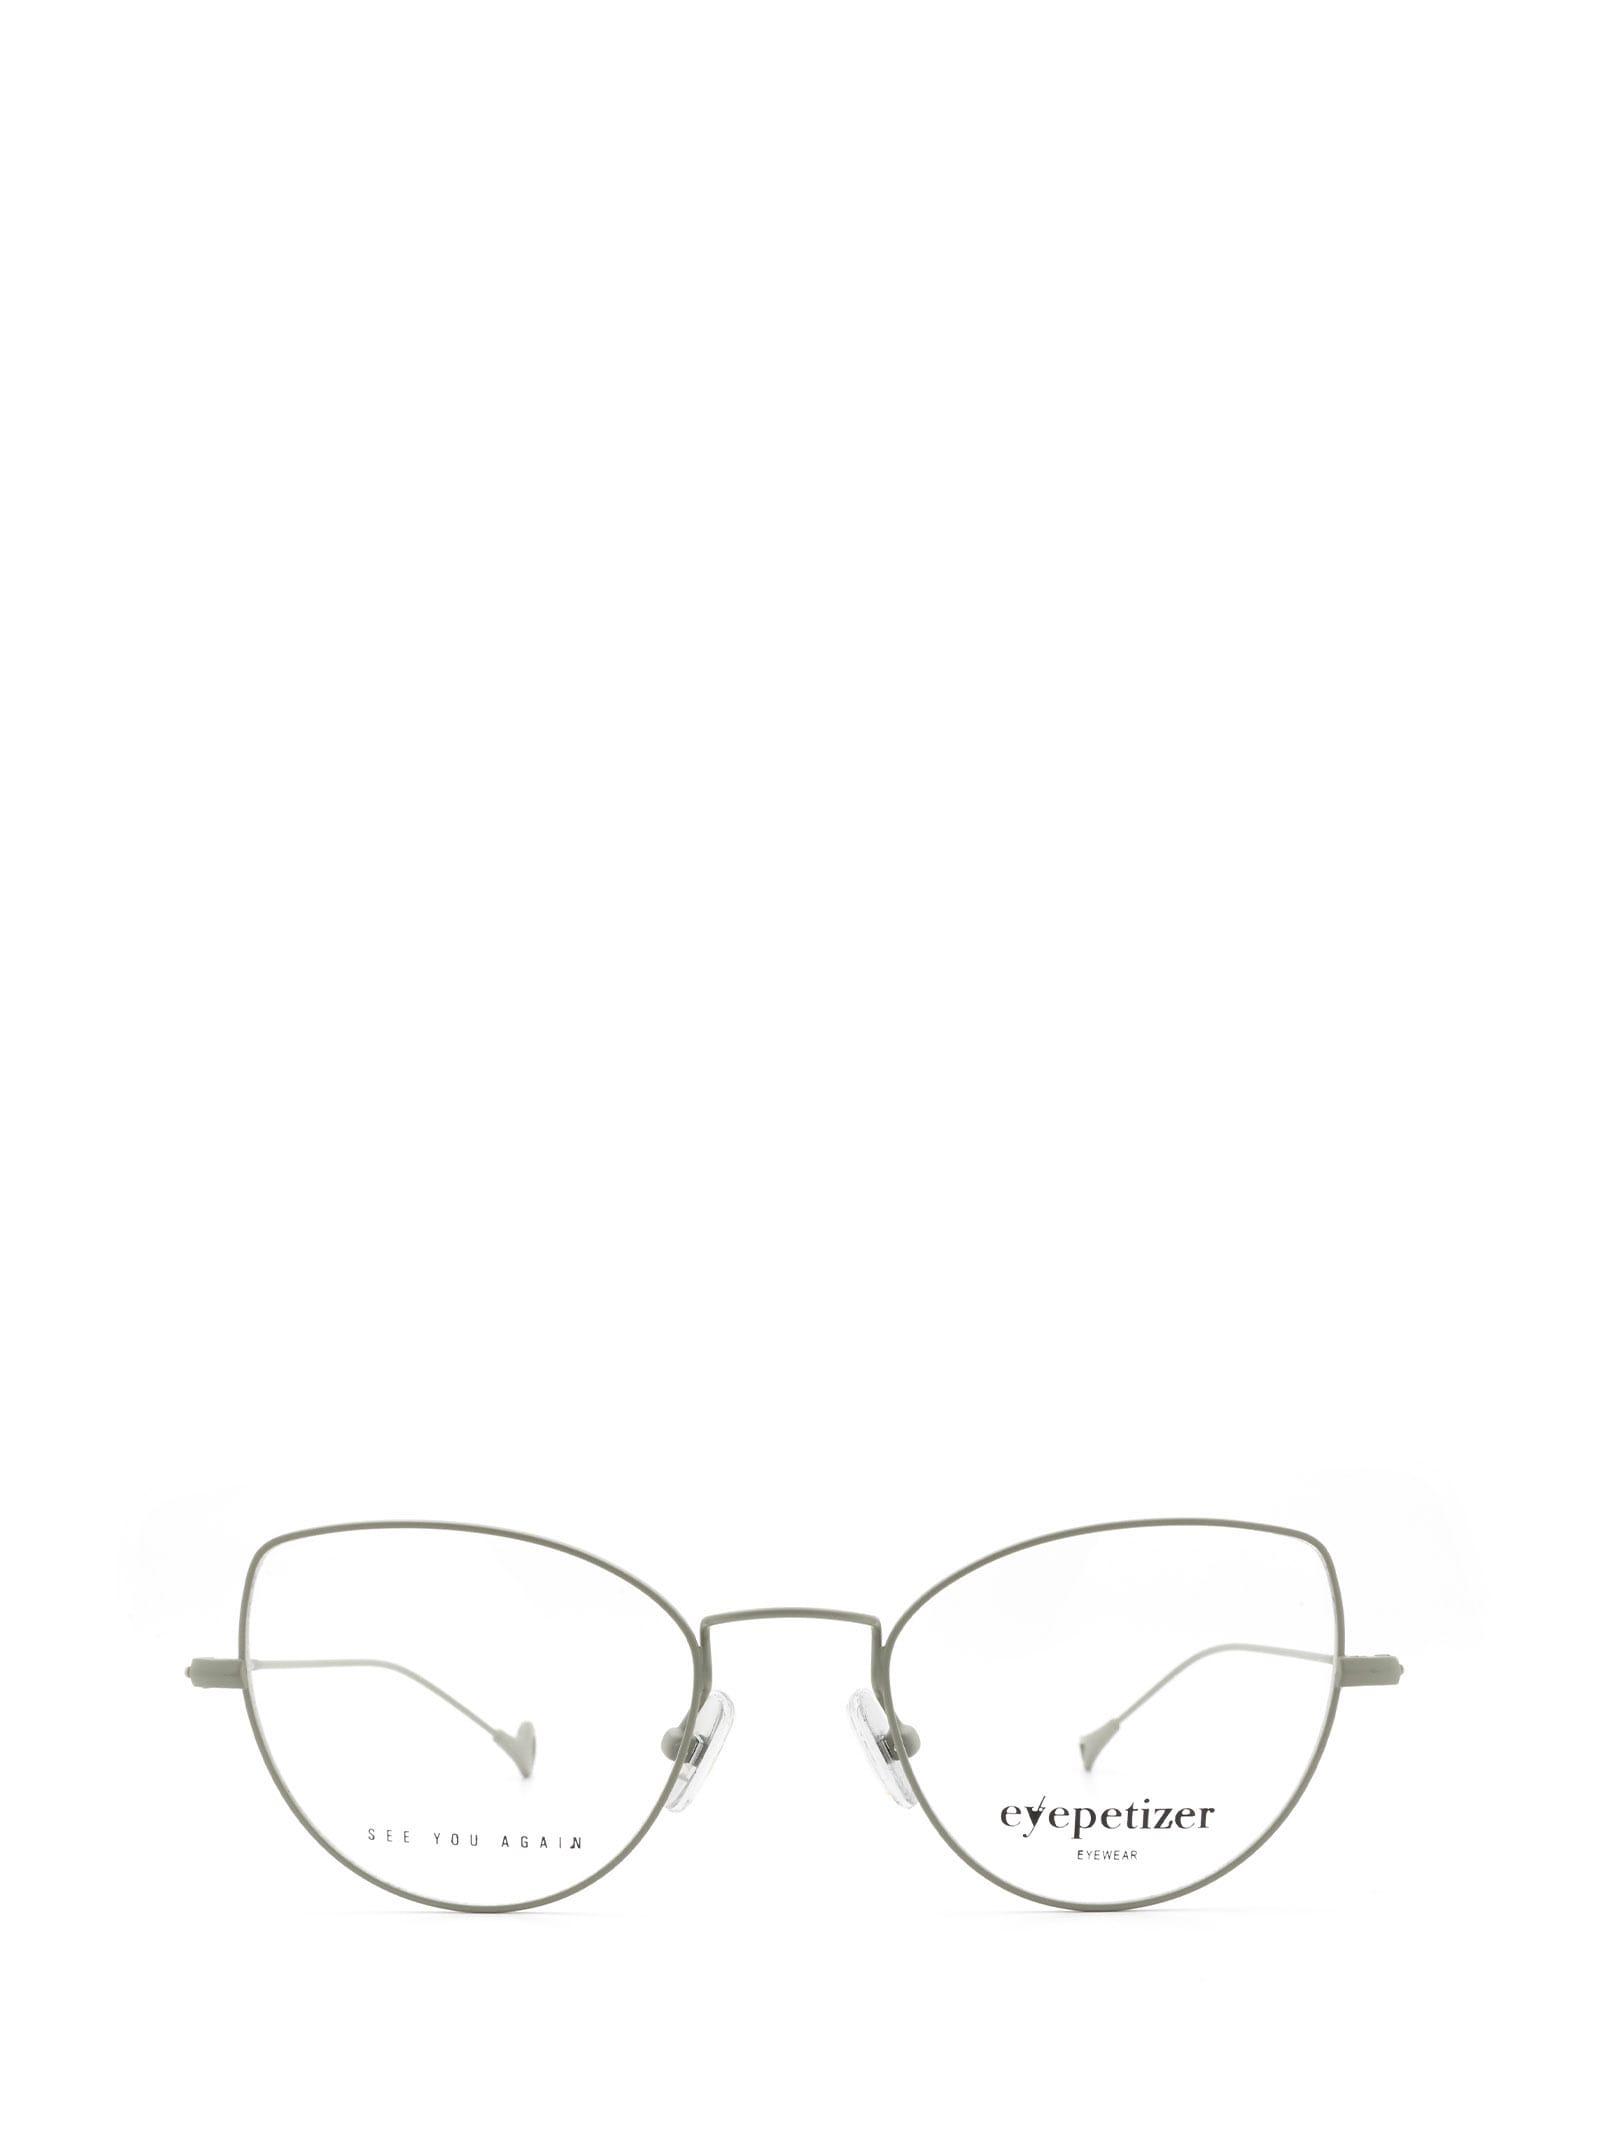 Eyepetizer Eyepetizer Denise C.10 Glasses